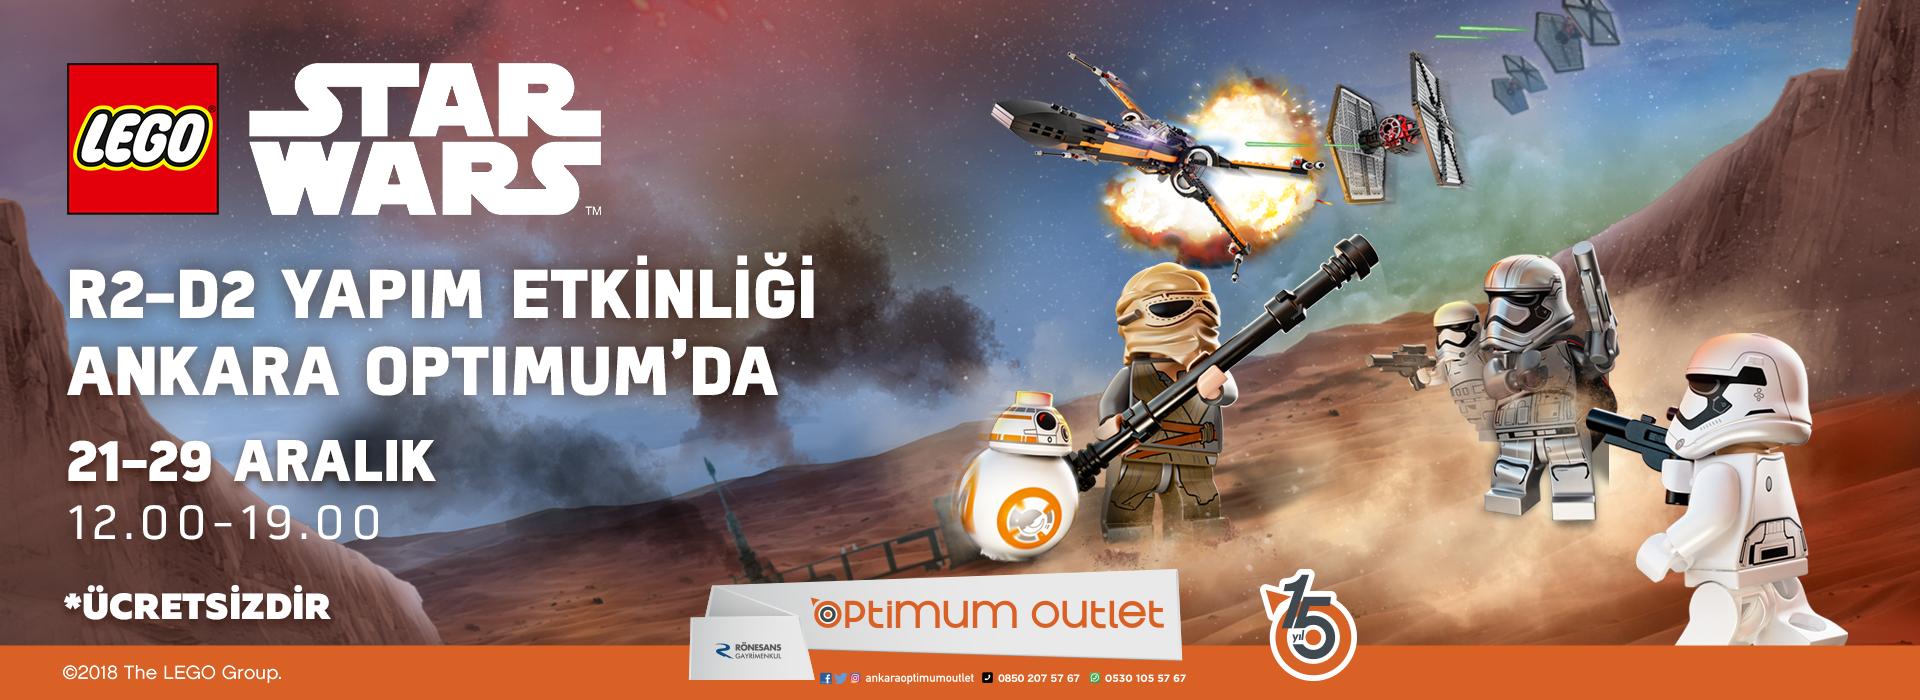 R2-D2 Yapım Etkinliği Ankara Optimum'da